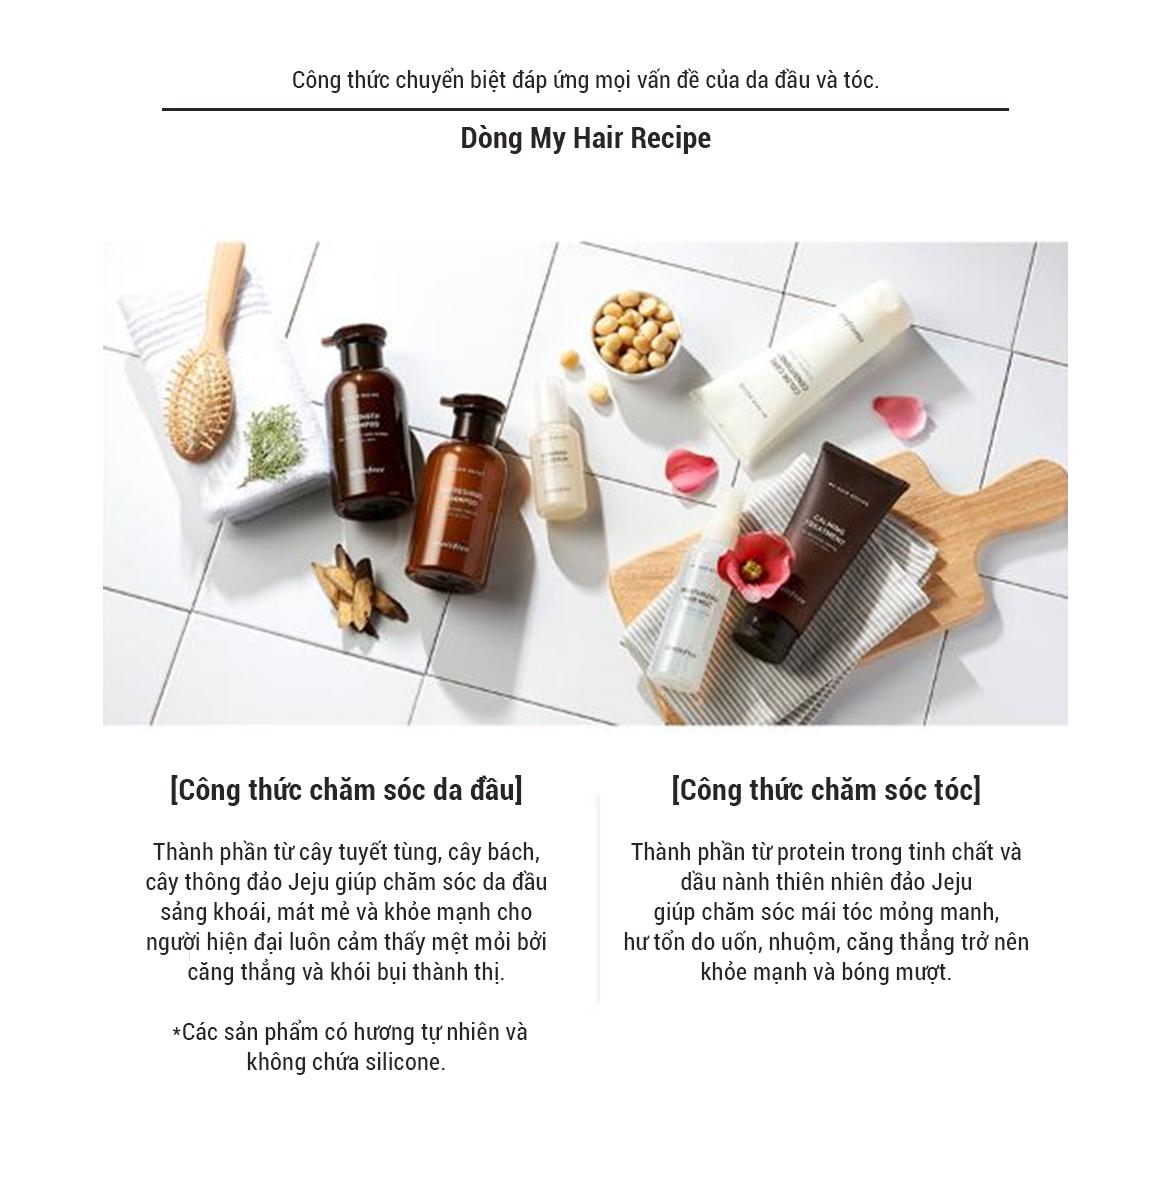 Xịt Dưỡng Dẩm Dành Cho Tóc Khô Innisfree My Hair Recipe Moisturizing Hair Mist For Dry Hair (150ml)